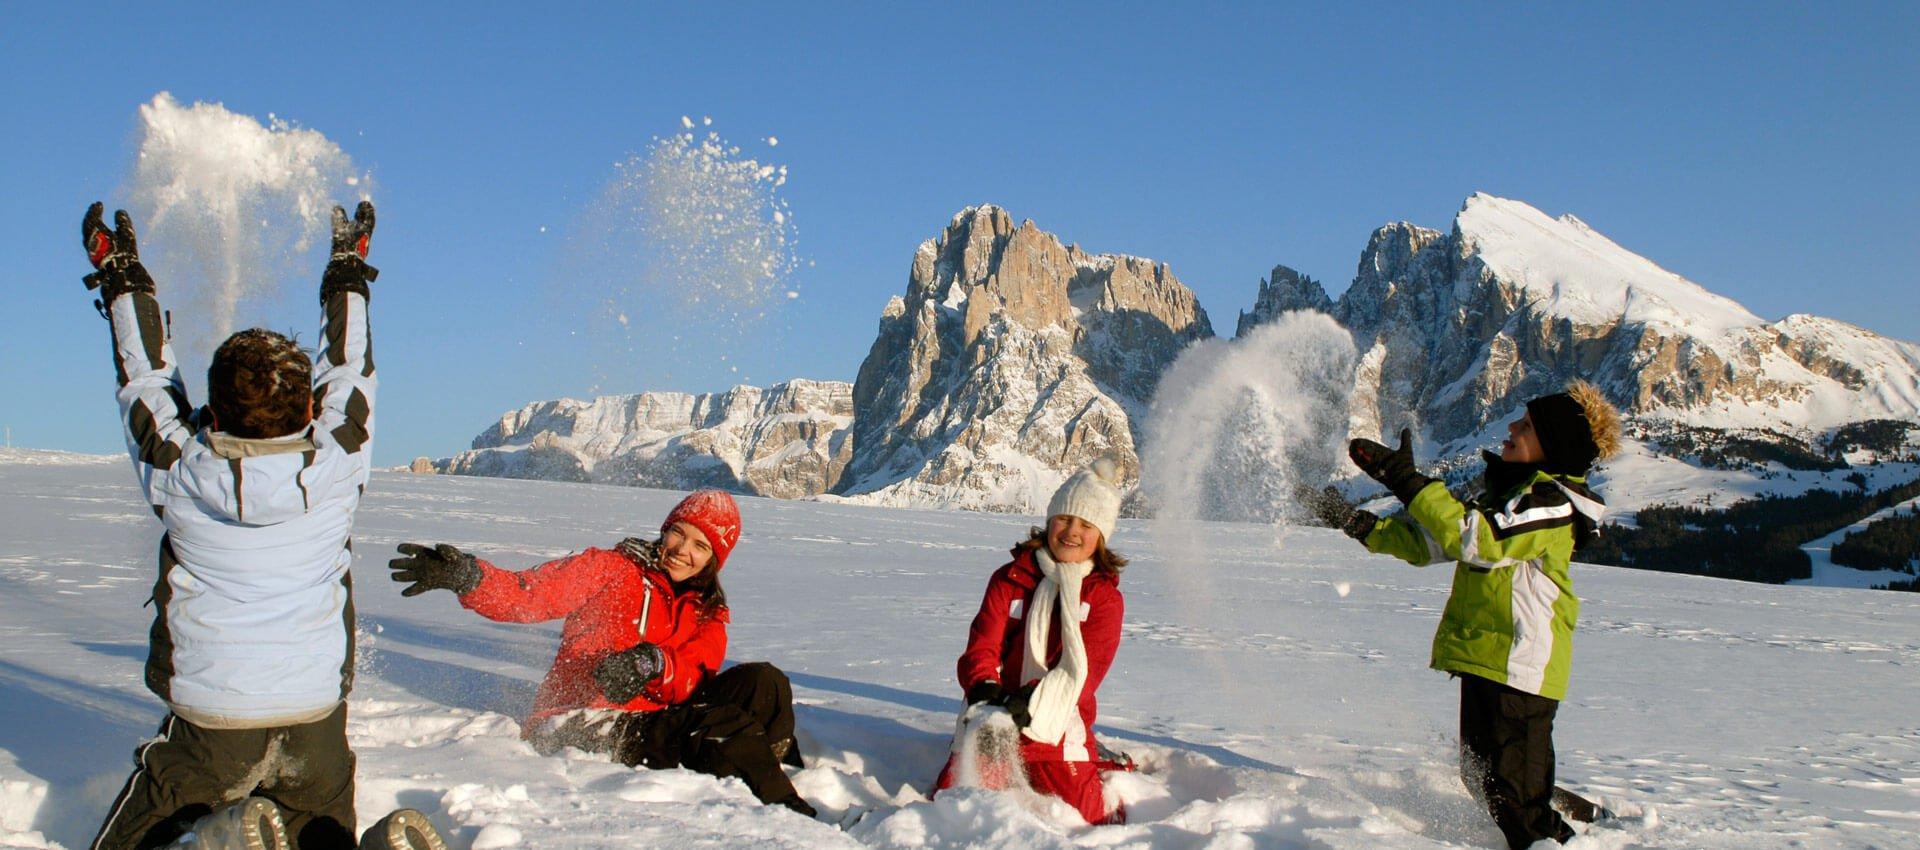 winterurlaub-seiser-alm-03